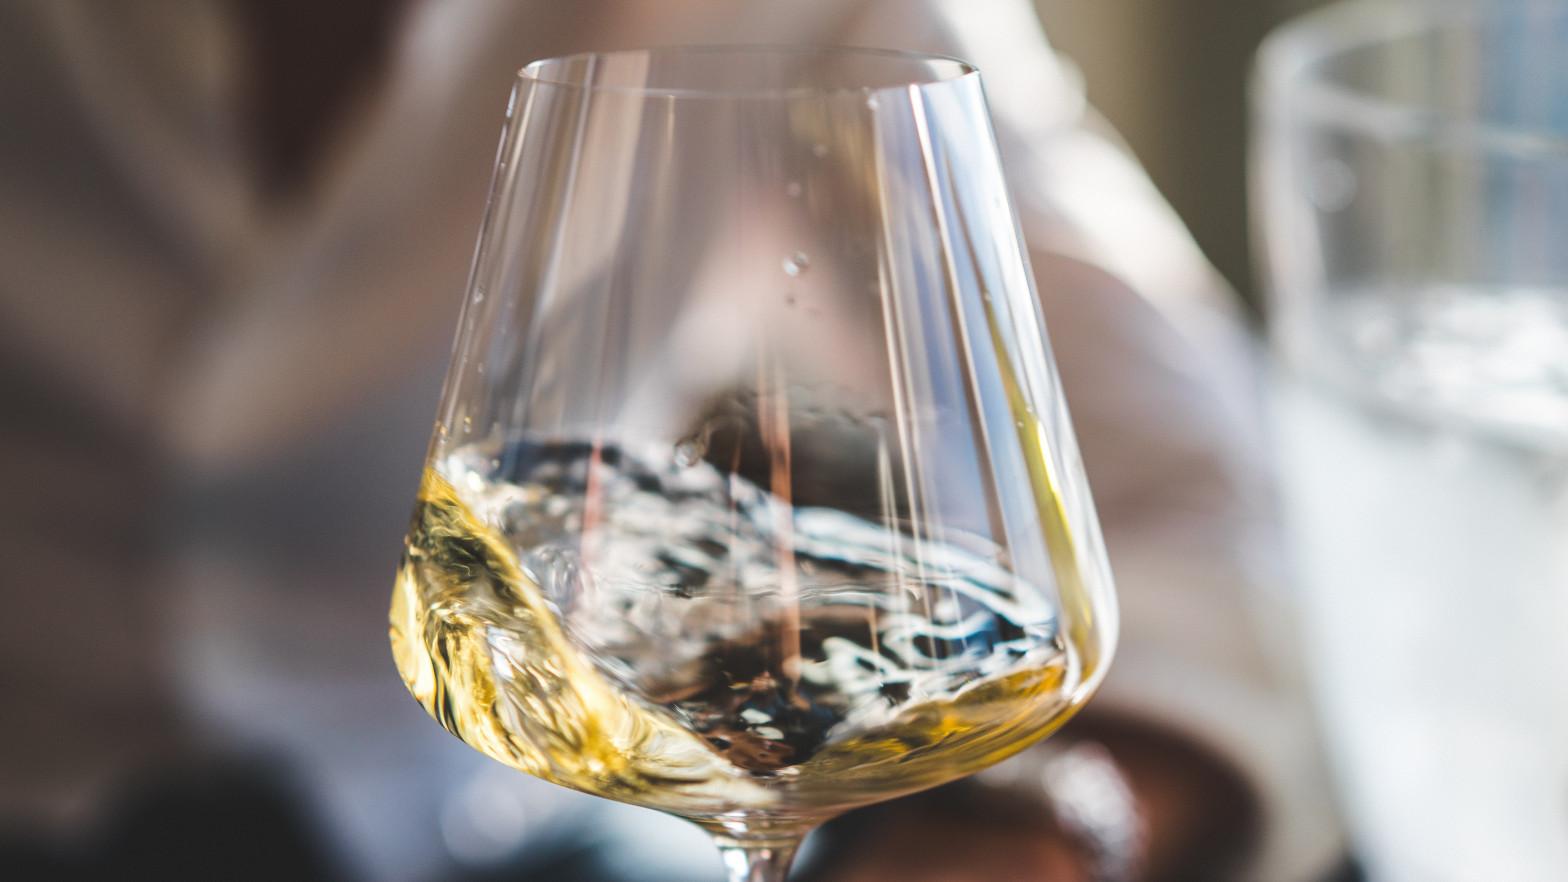 Vinos de uva viognier: blancos con alma de tintos para brindis muy especiales